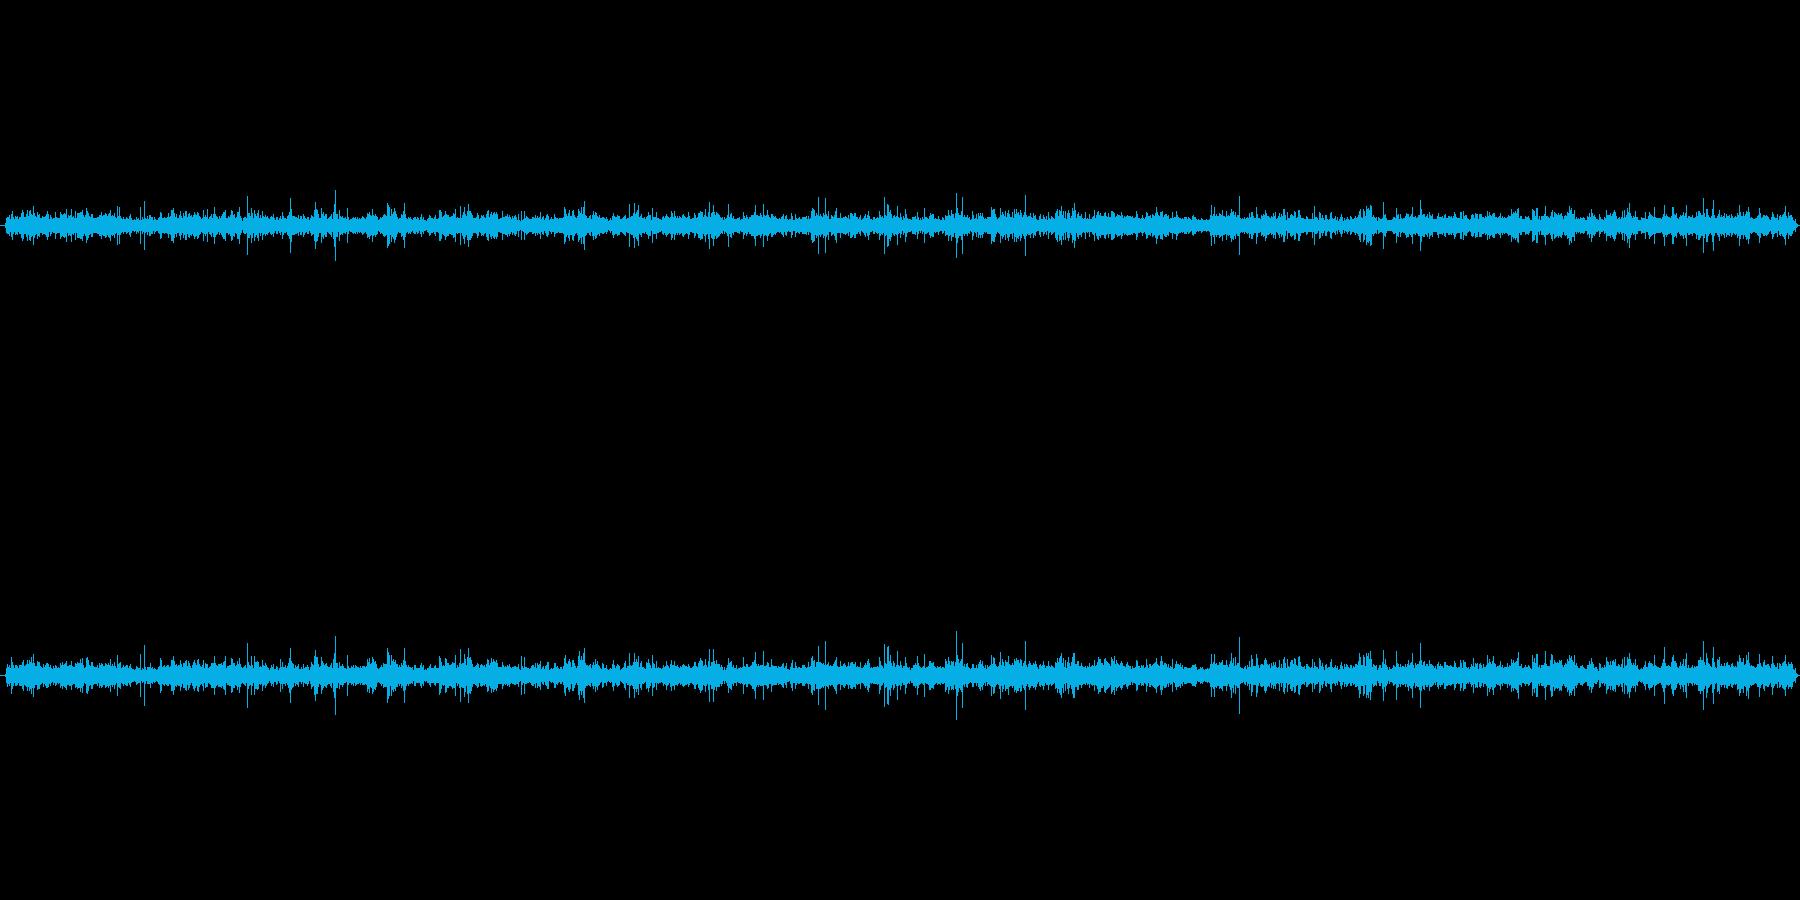 自然 ストリームバブルイレギュラー01の再生済みの波形